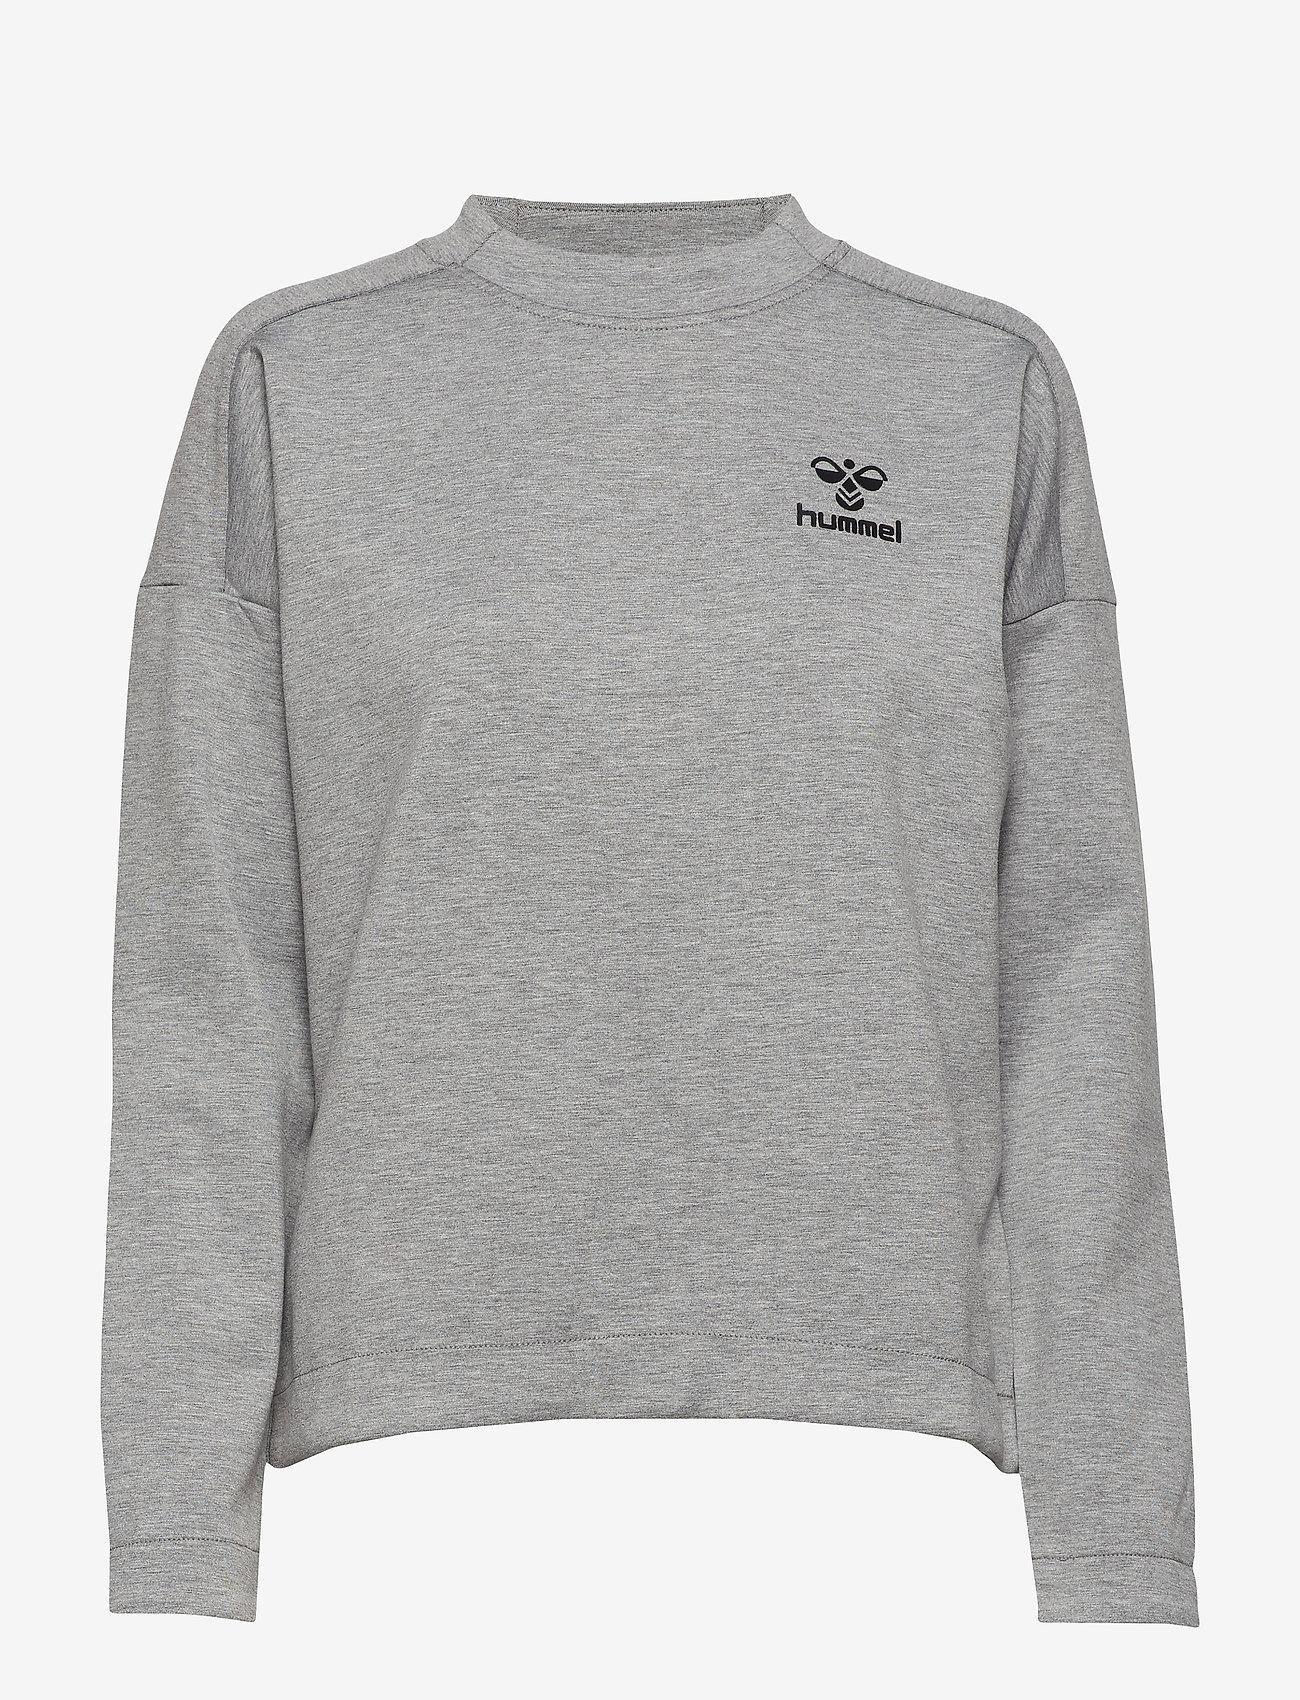 Hummel - CLASSIC BEE WO ZION SWEATSHIRT - sweatshirts - grey melange